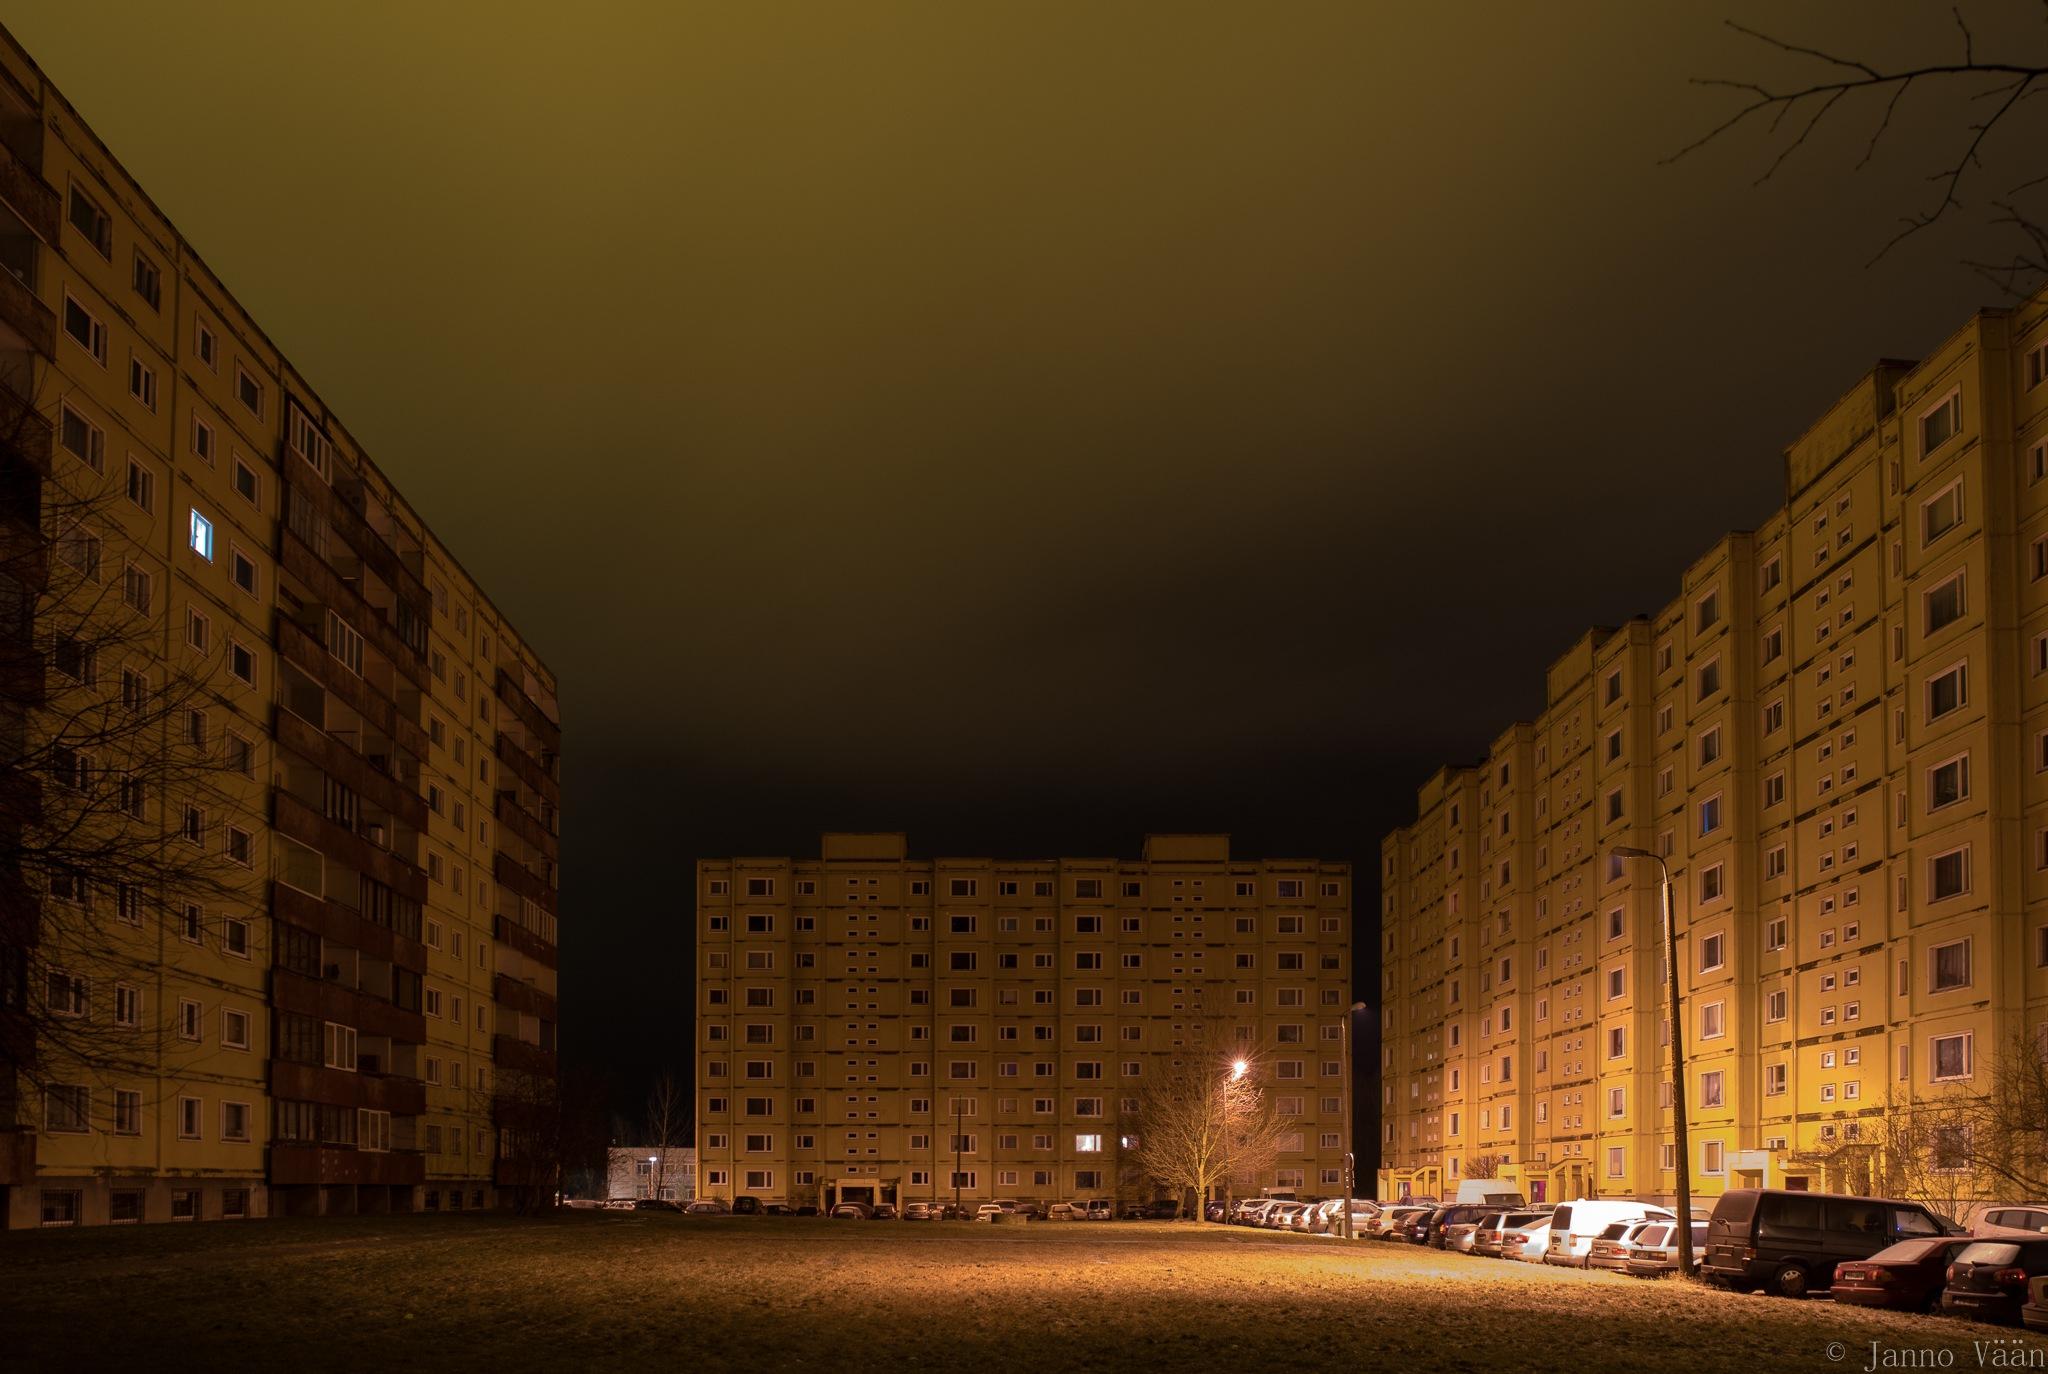 The sleeping city by Janno Vään